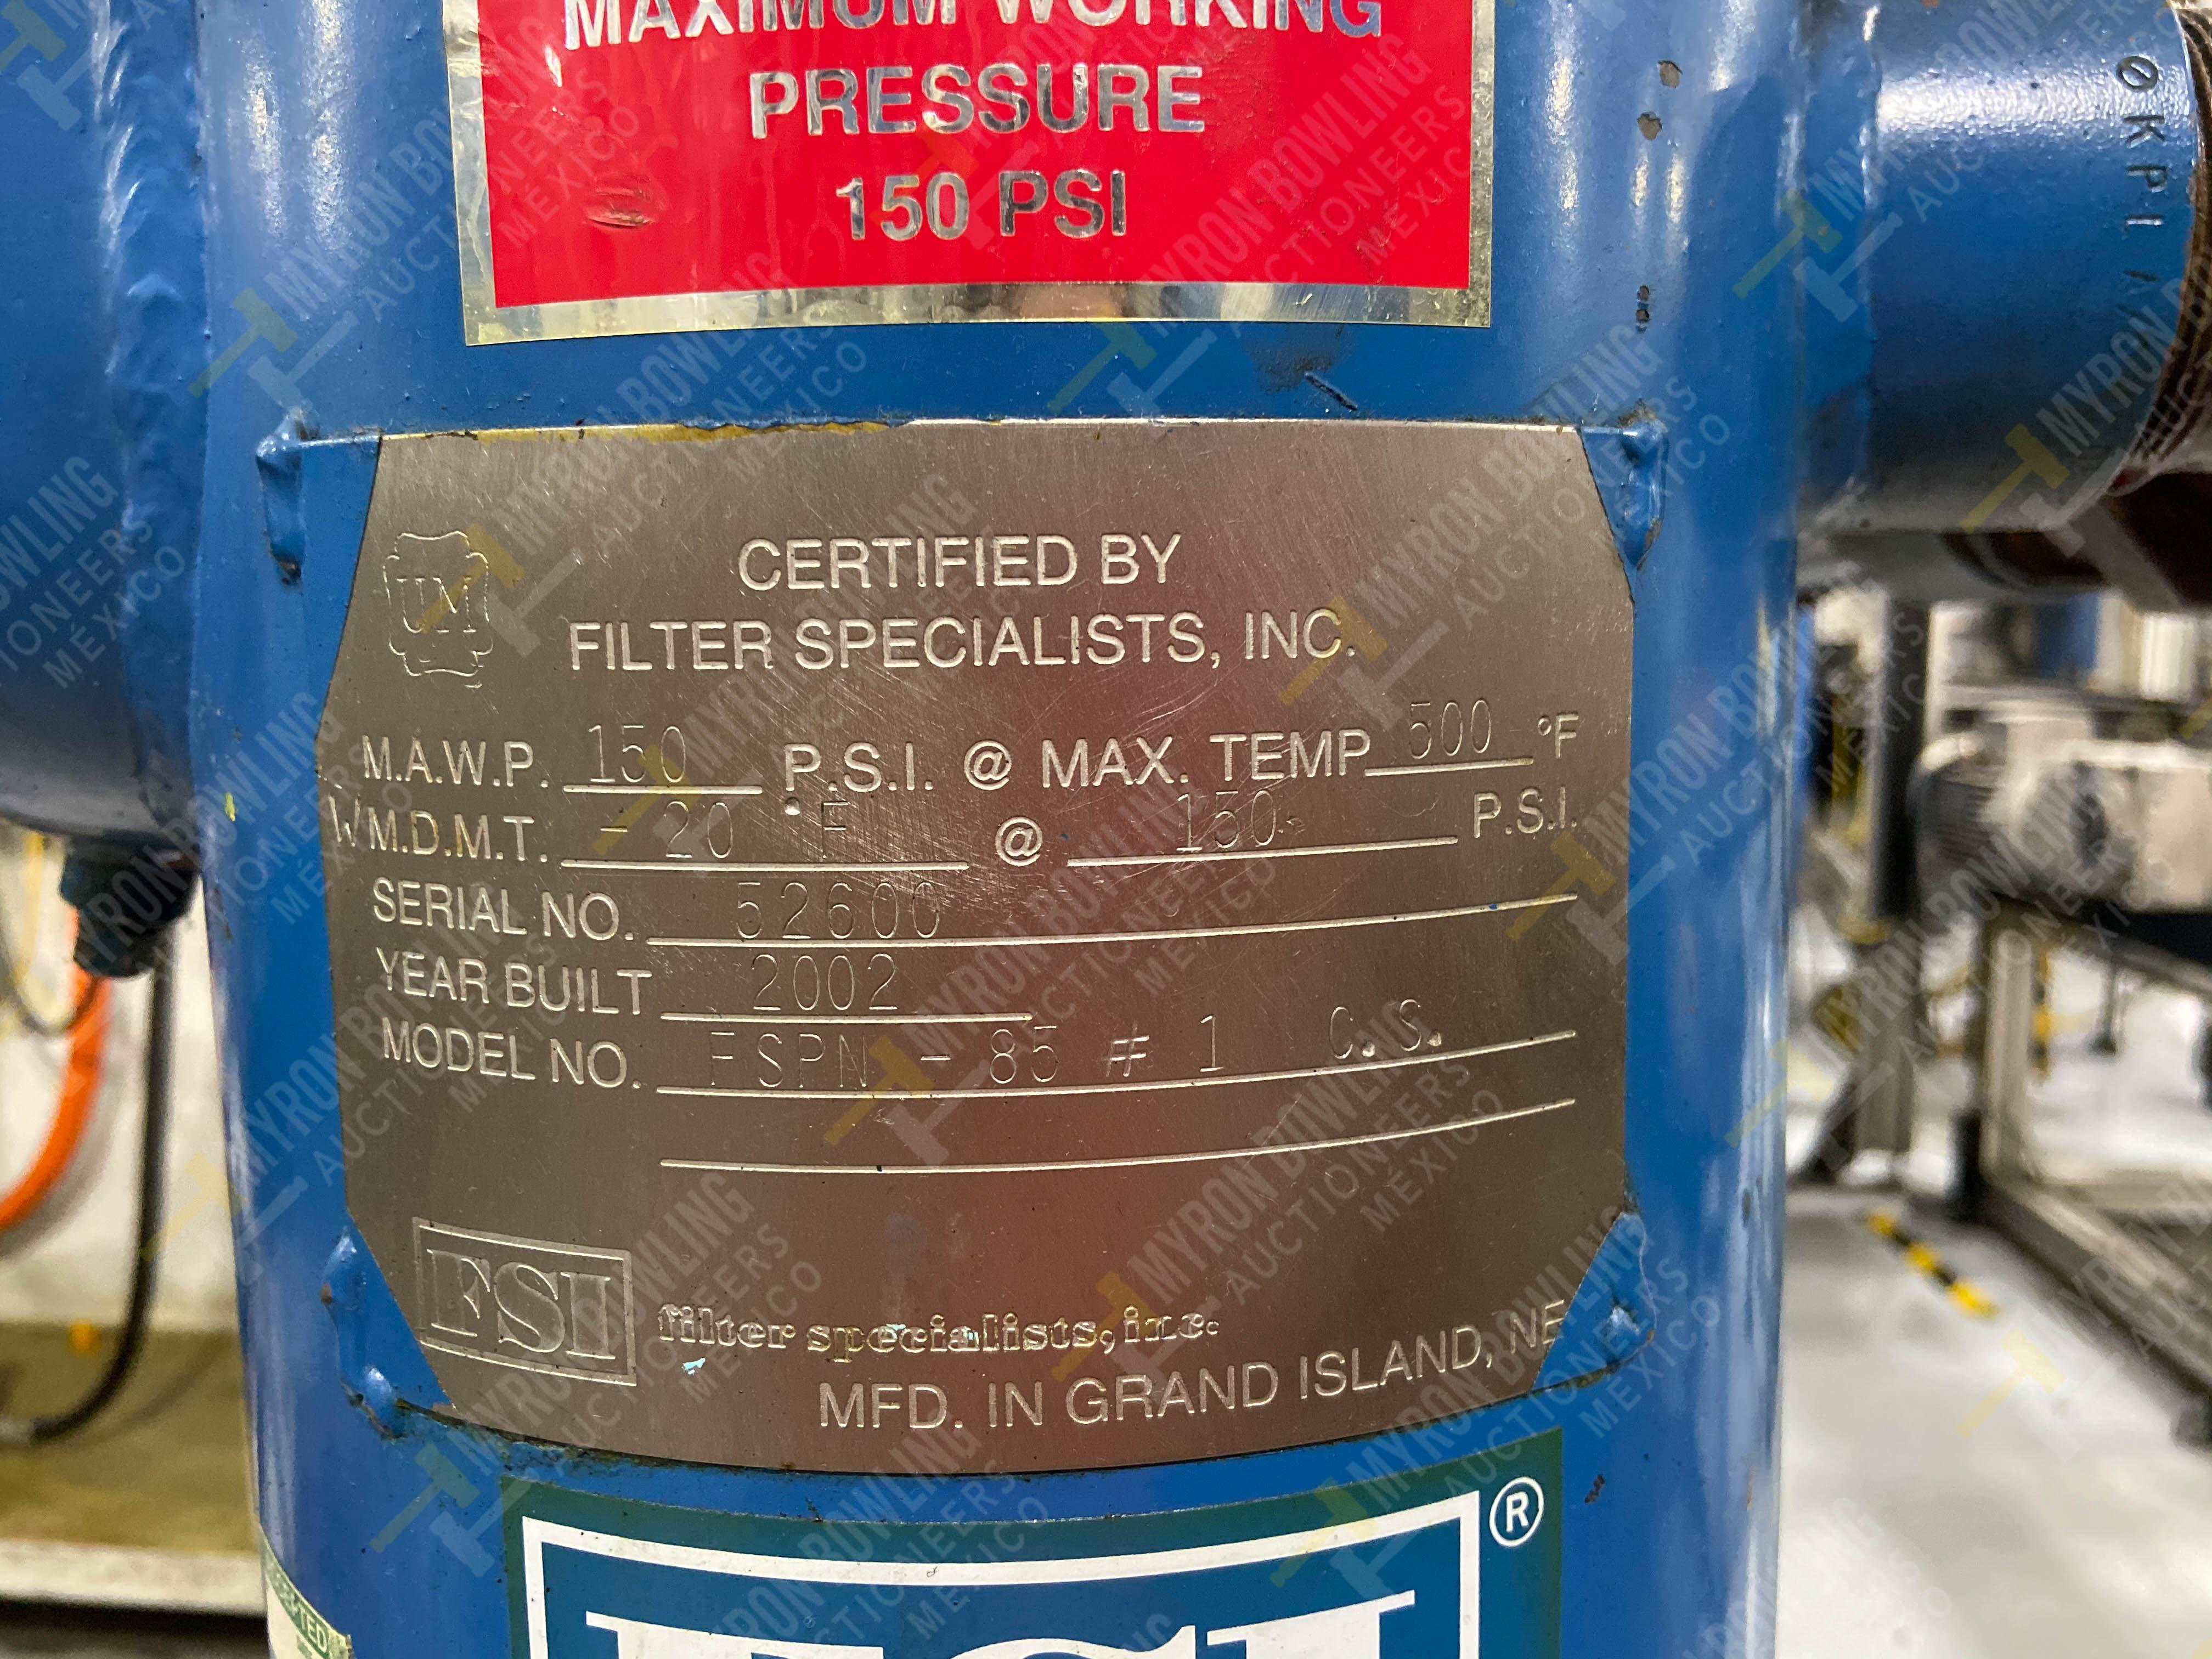 Bomba de aceite y filtros para el llenado de housings en lote 30 y 31. - Image 22 of 30